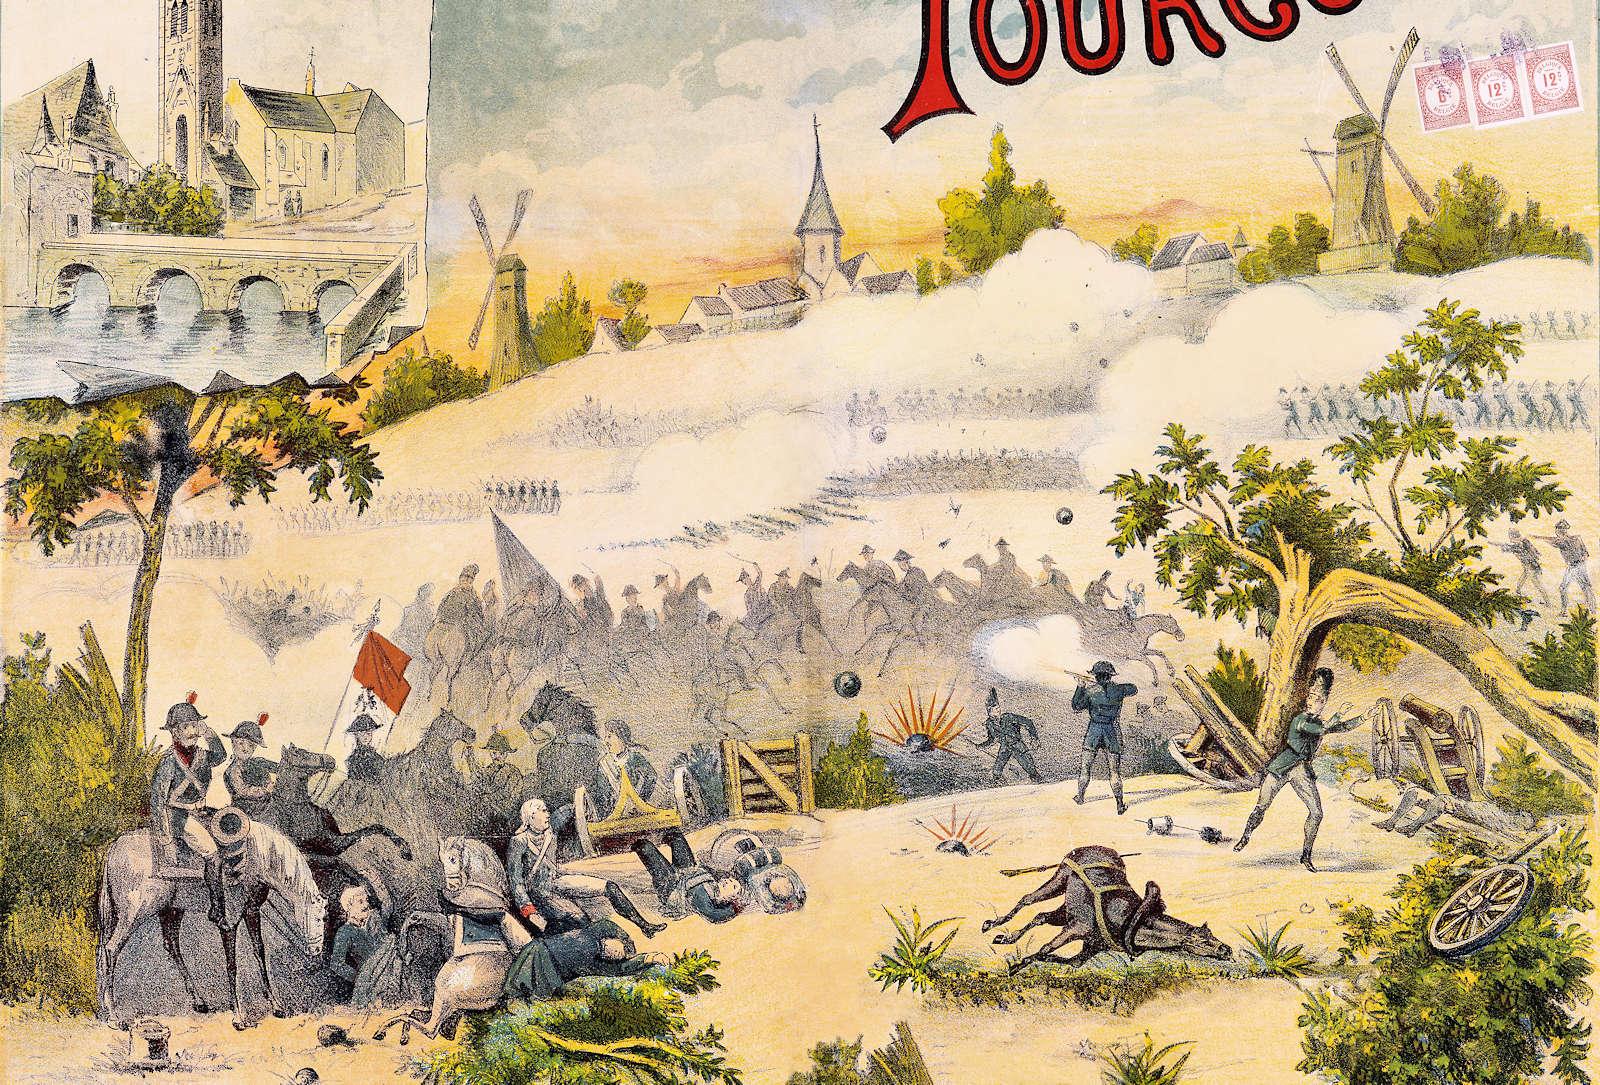 Affiche du Centenaire de la Bataille de Tourcoing (détail)